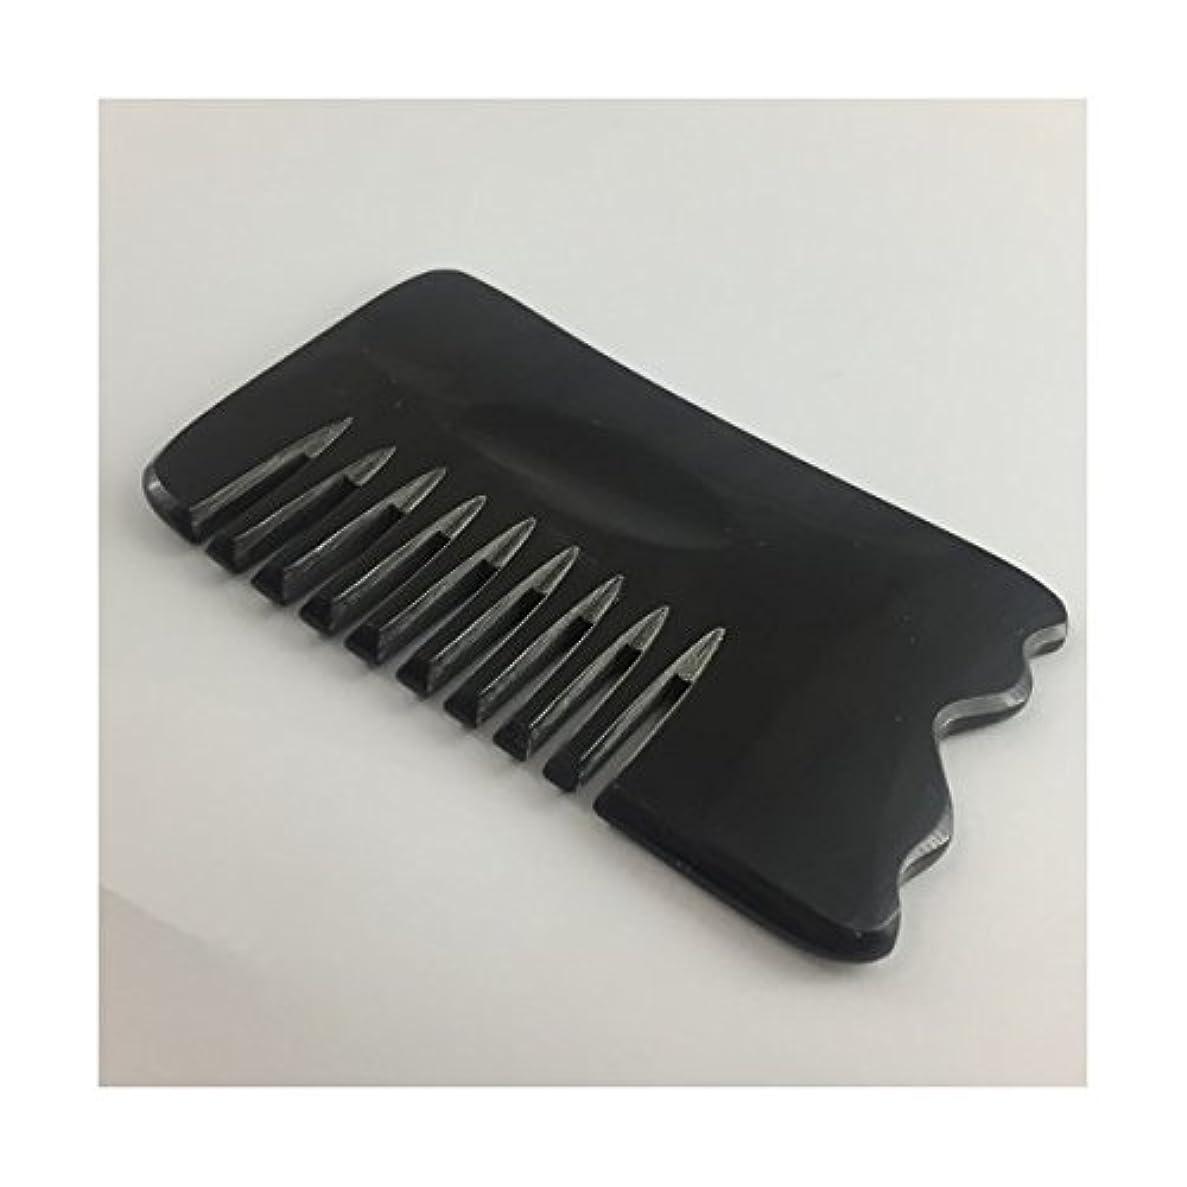 重荷楽しむ皮肉な経絡デトックスマッサージ かっさプレート(櫛型) 水牛骨 マッサージ用具